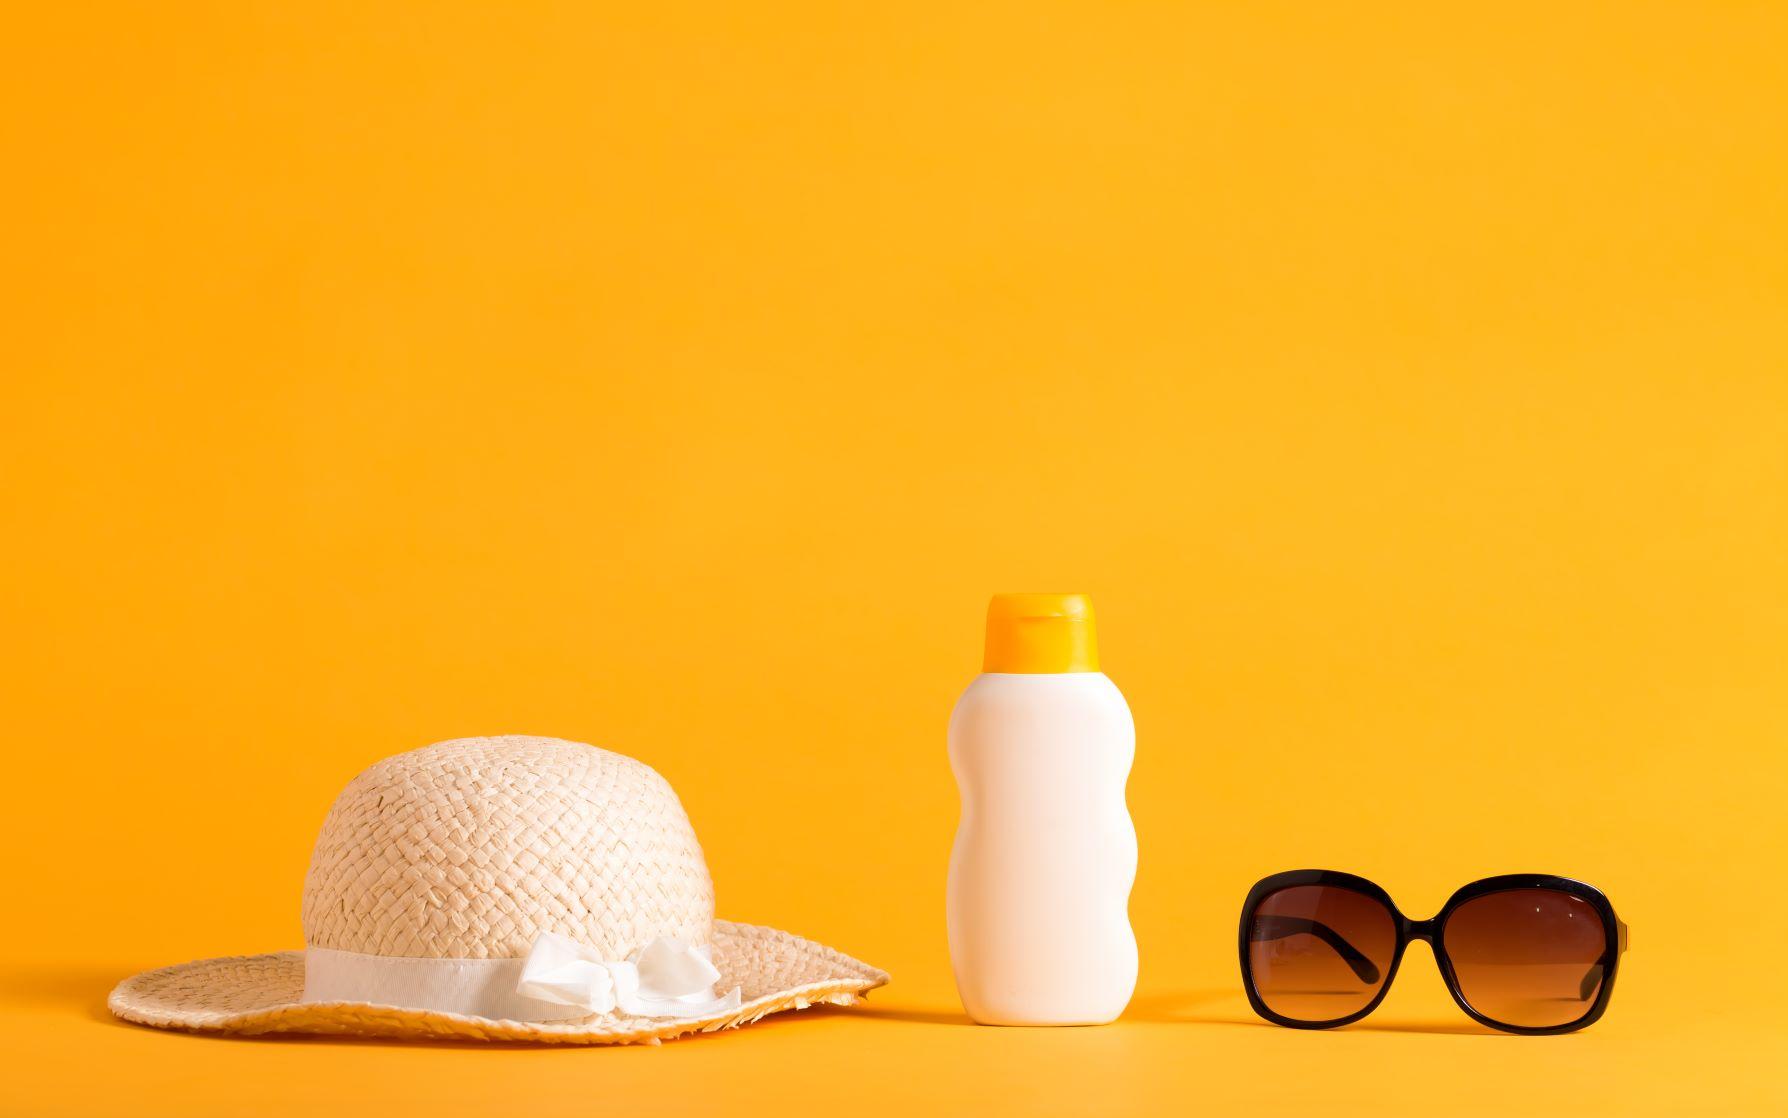 ضد آفتاب در روتین پوستی